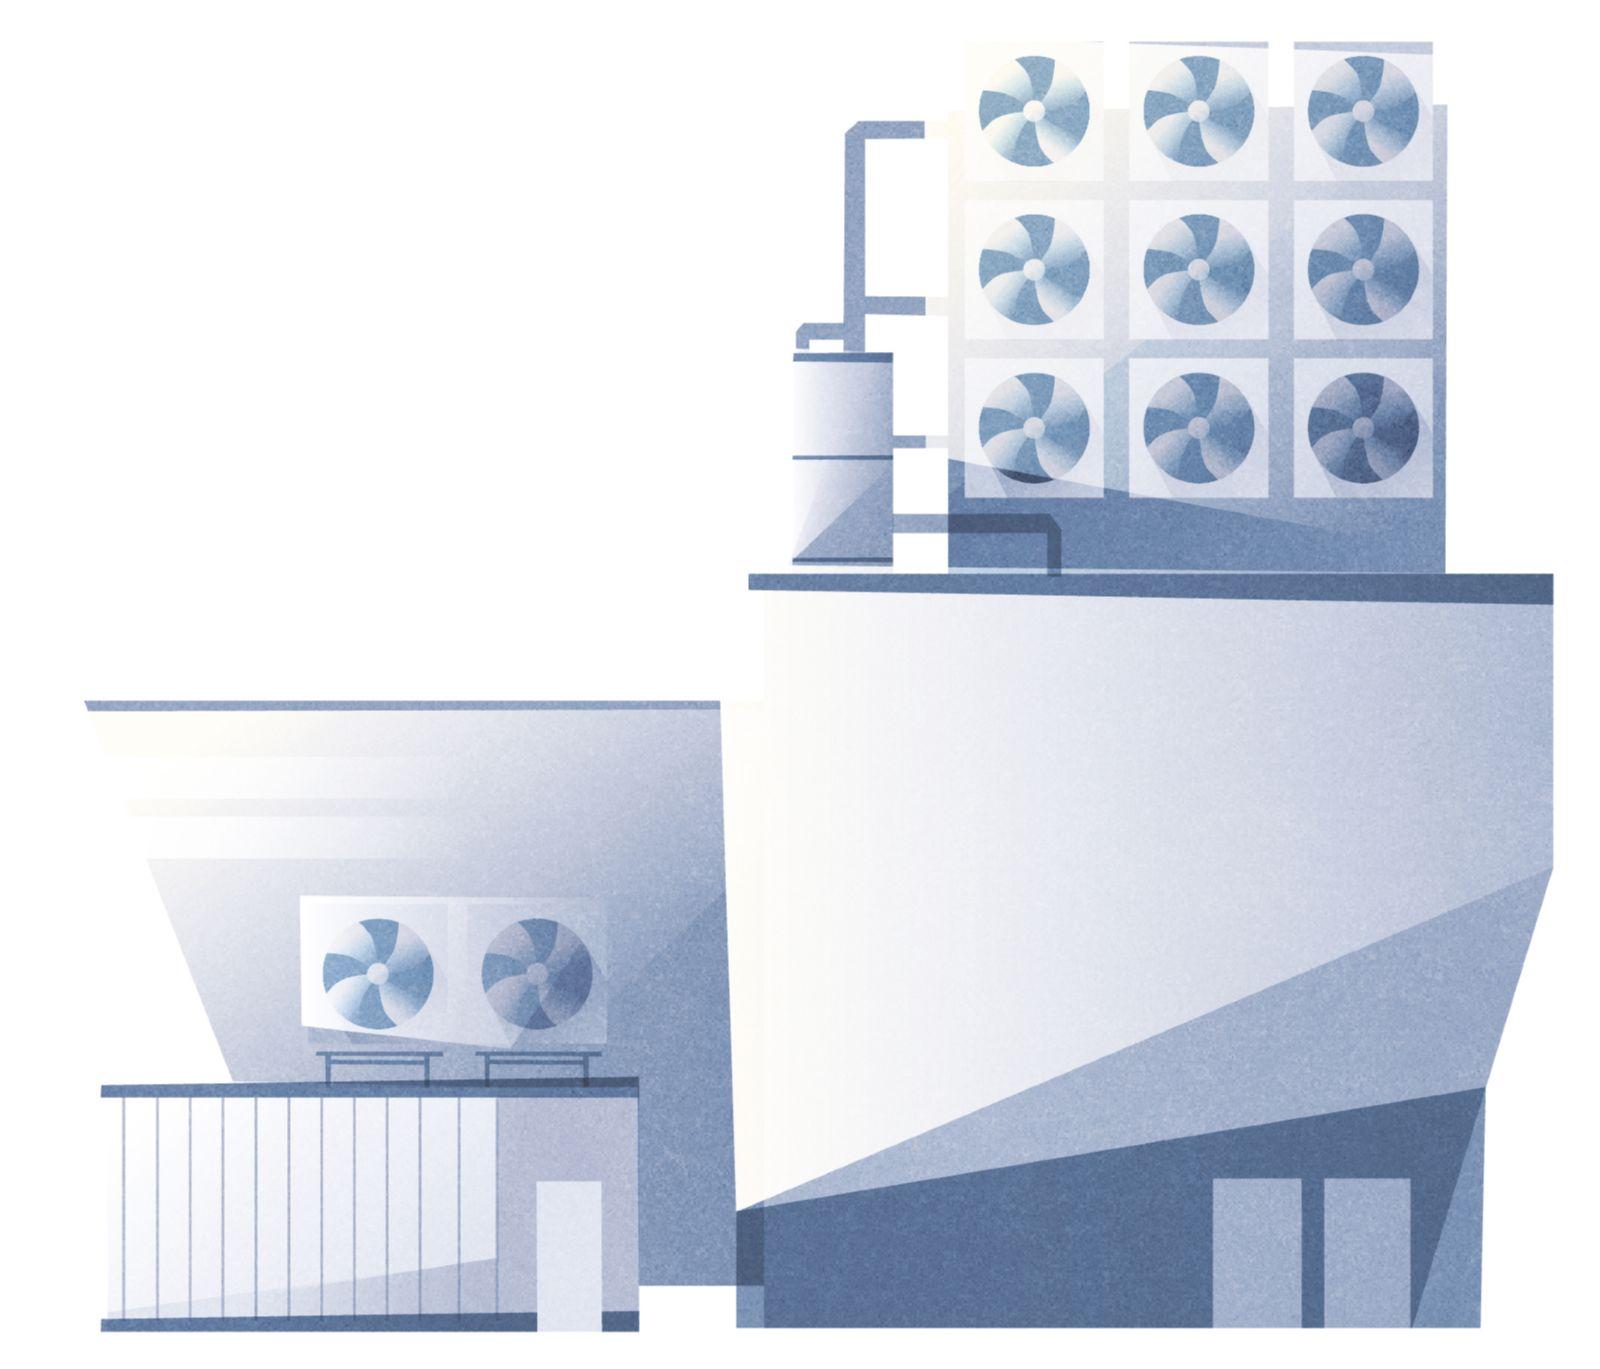 Das Bild zeigt eine Luft-zu-Kraftstoffanlage mit Direct-Air-Capture-Modulen.